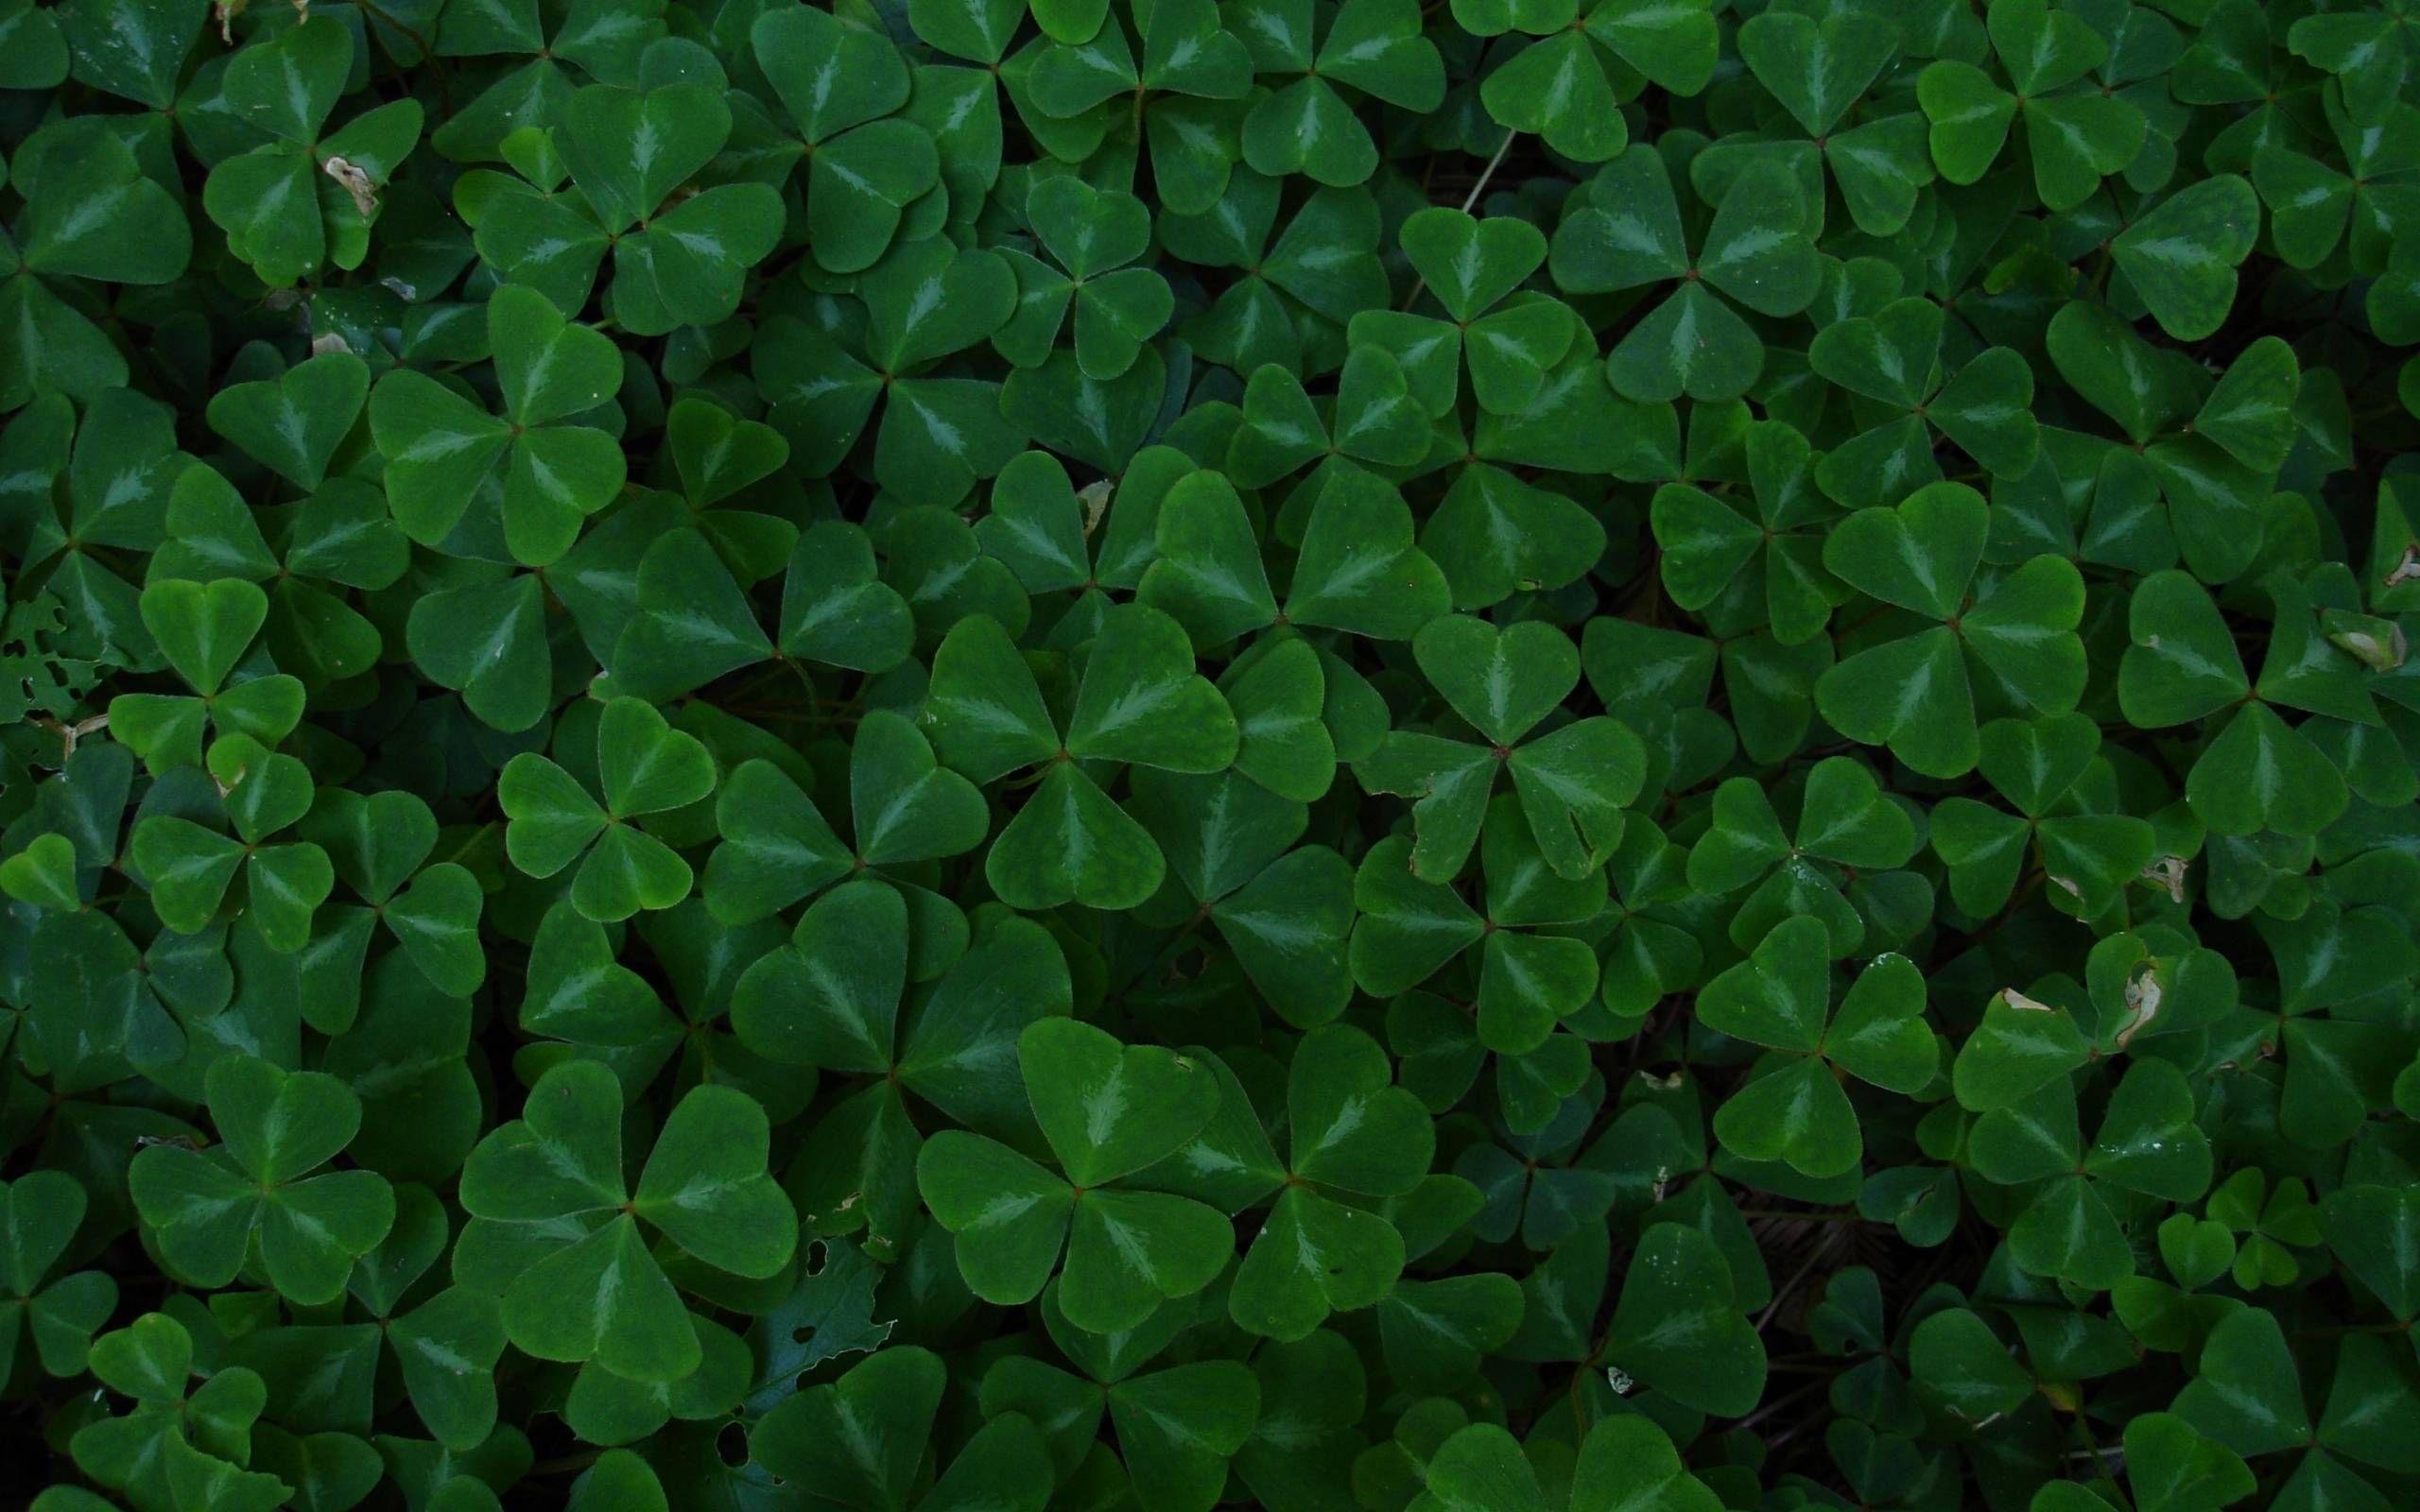 Four Leaf Clover Wallpapers Clover Leaf Green Leaf Wallpaper Wallpaper